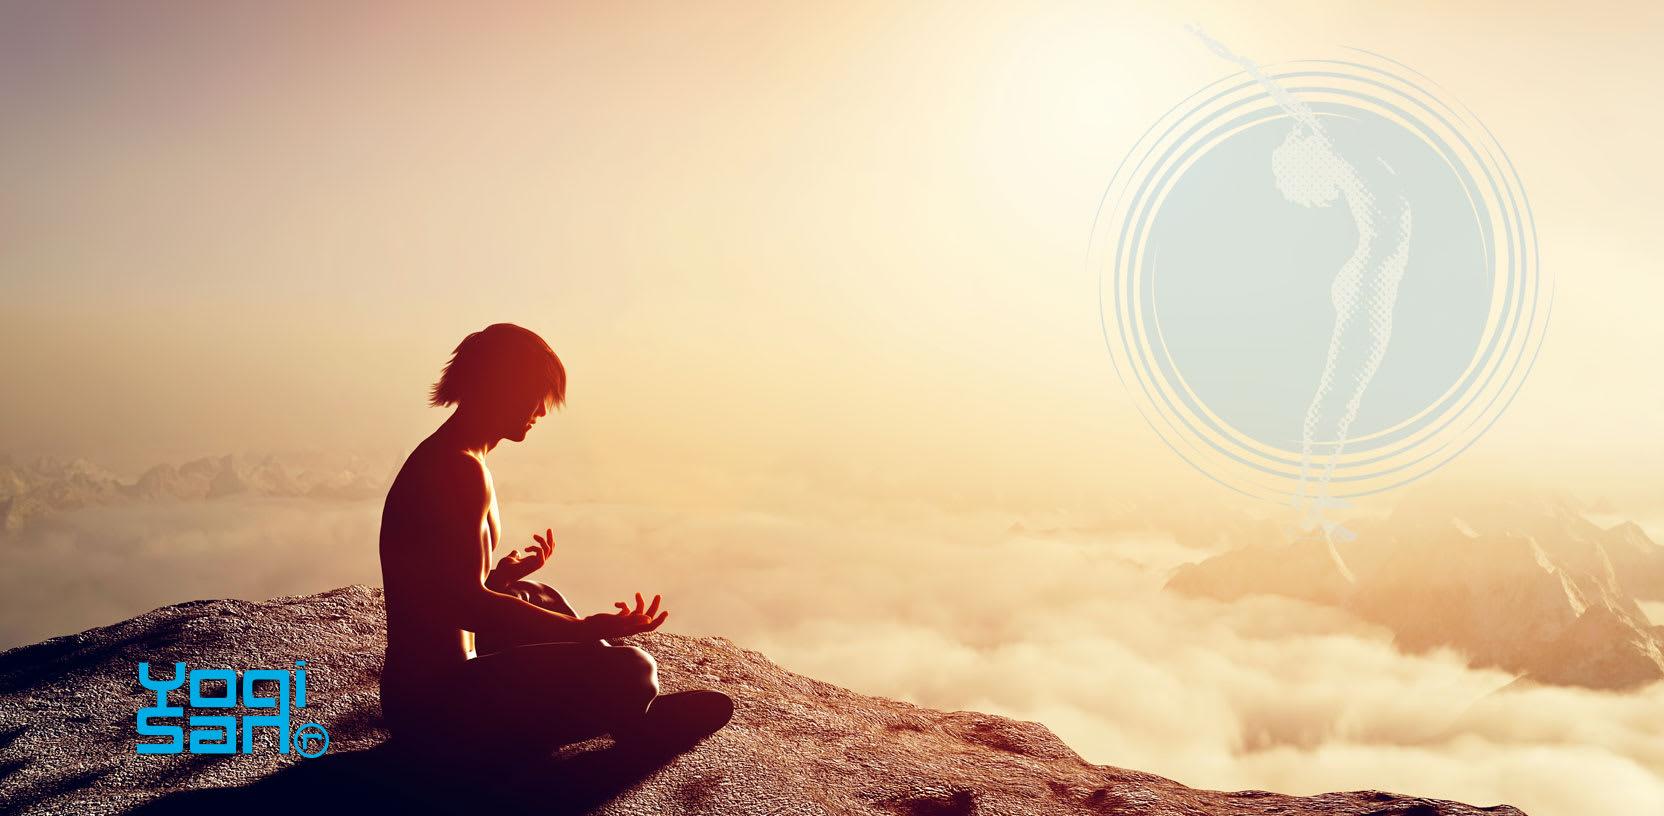 vrouw op een berg bezig met bewustzijn